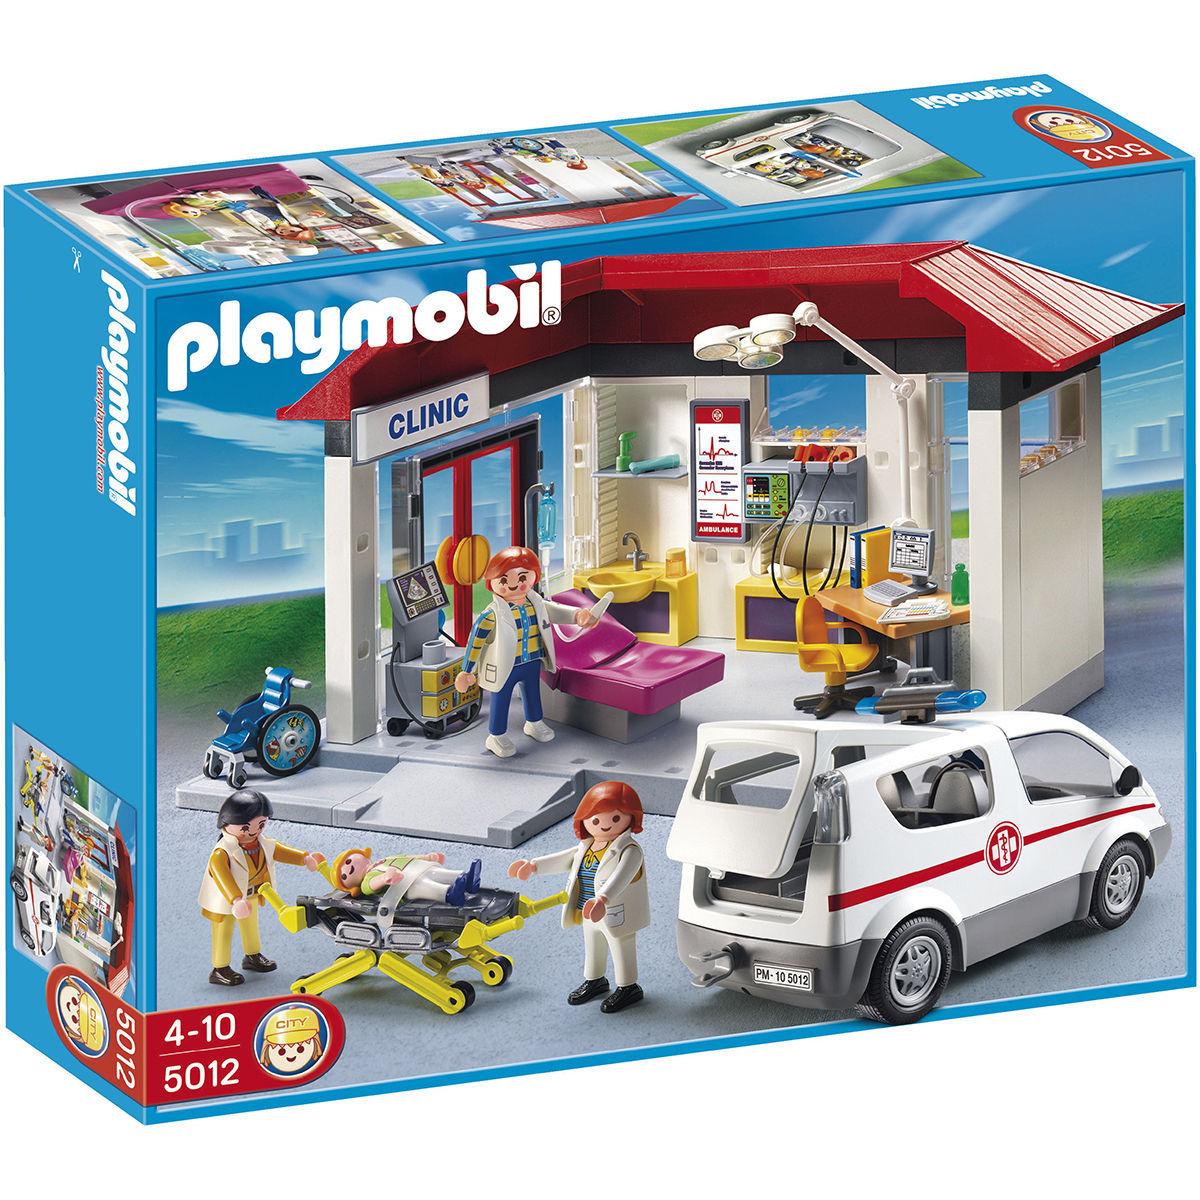 Playmobil™ - Ambulanz mit Notarzt-Fahrzeug (5012) ab €38,65 [@Karstadt.de]